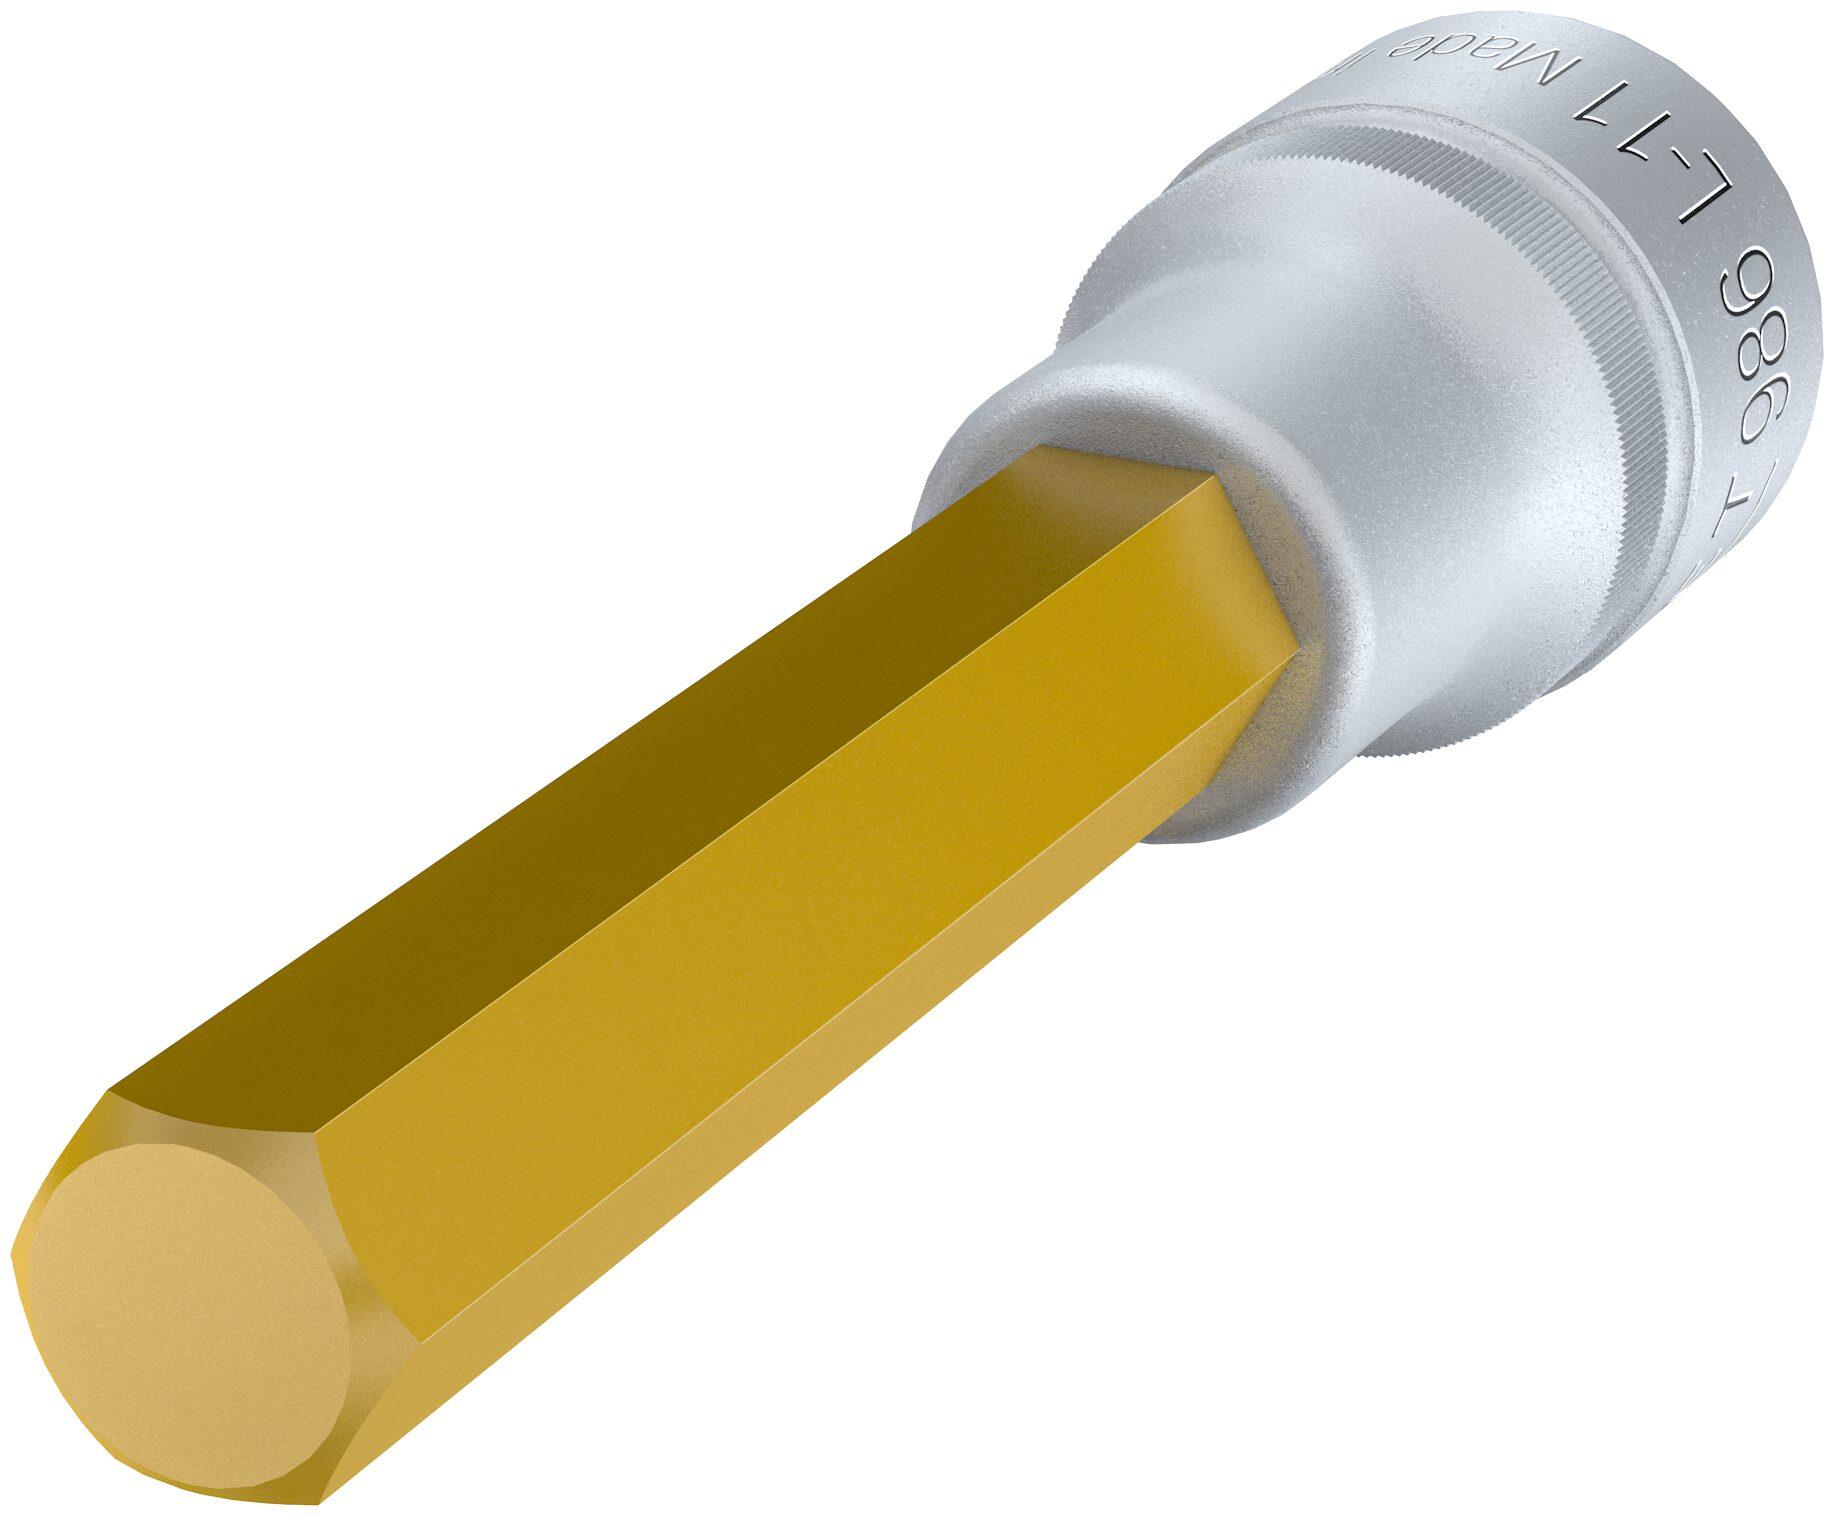 HAZET Schraubendreher-Steckschlüsseleinsatz 986L-11 ∙ Vierkant hohl 12,5 mm (1/2 Zoll) ∙ Innen-Sechskant Profil ∙ 11 mm